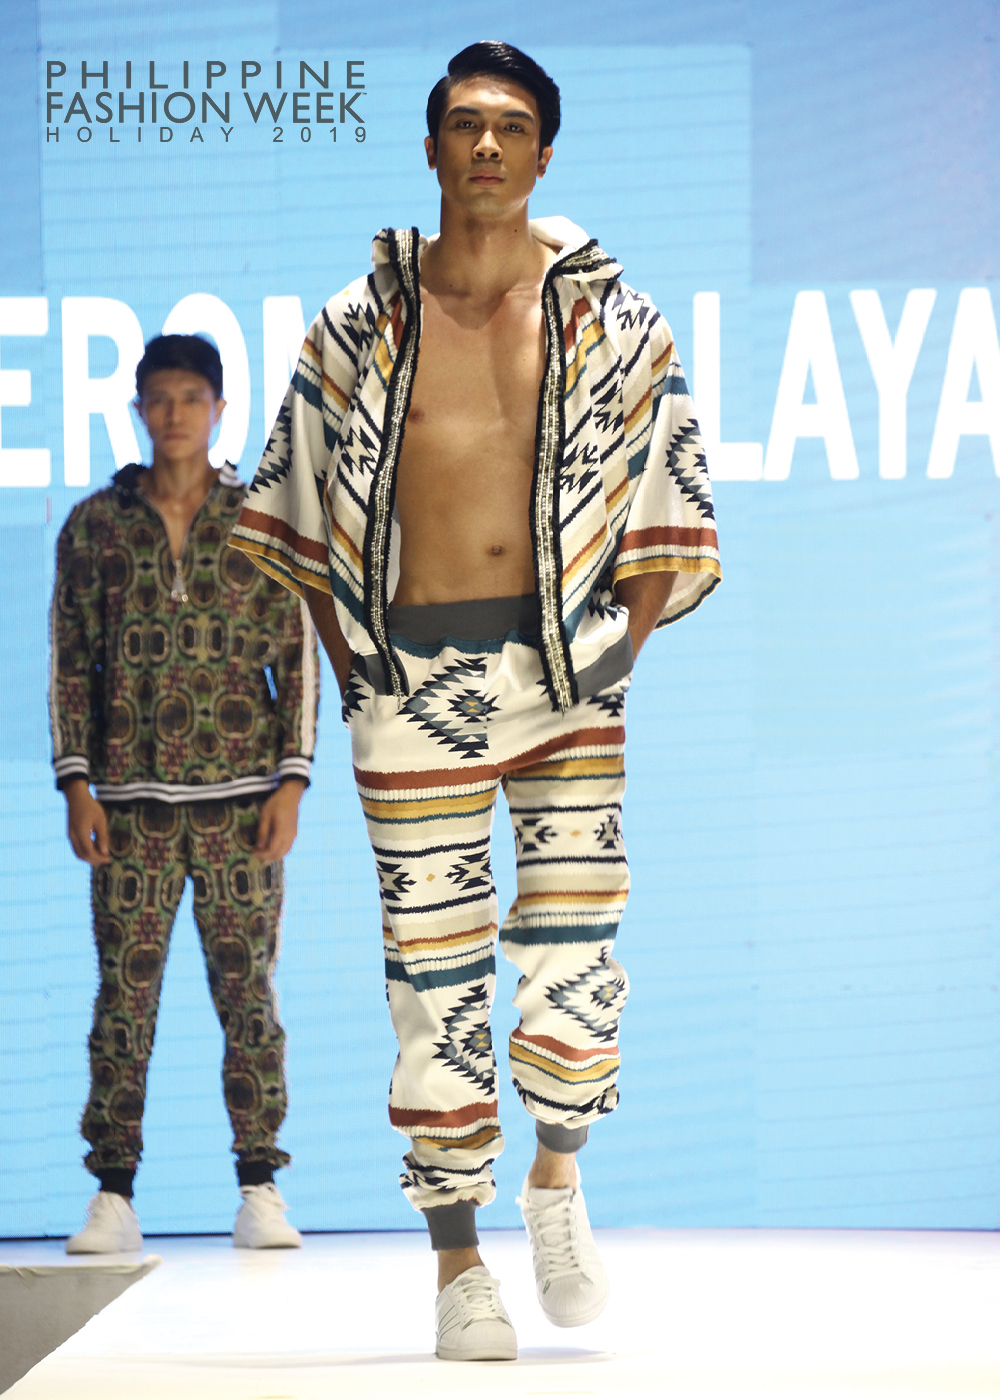 Jerome Salaya Ang2.jpg